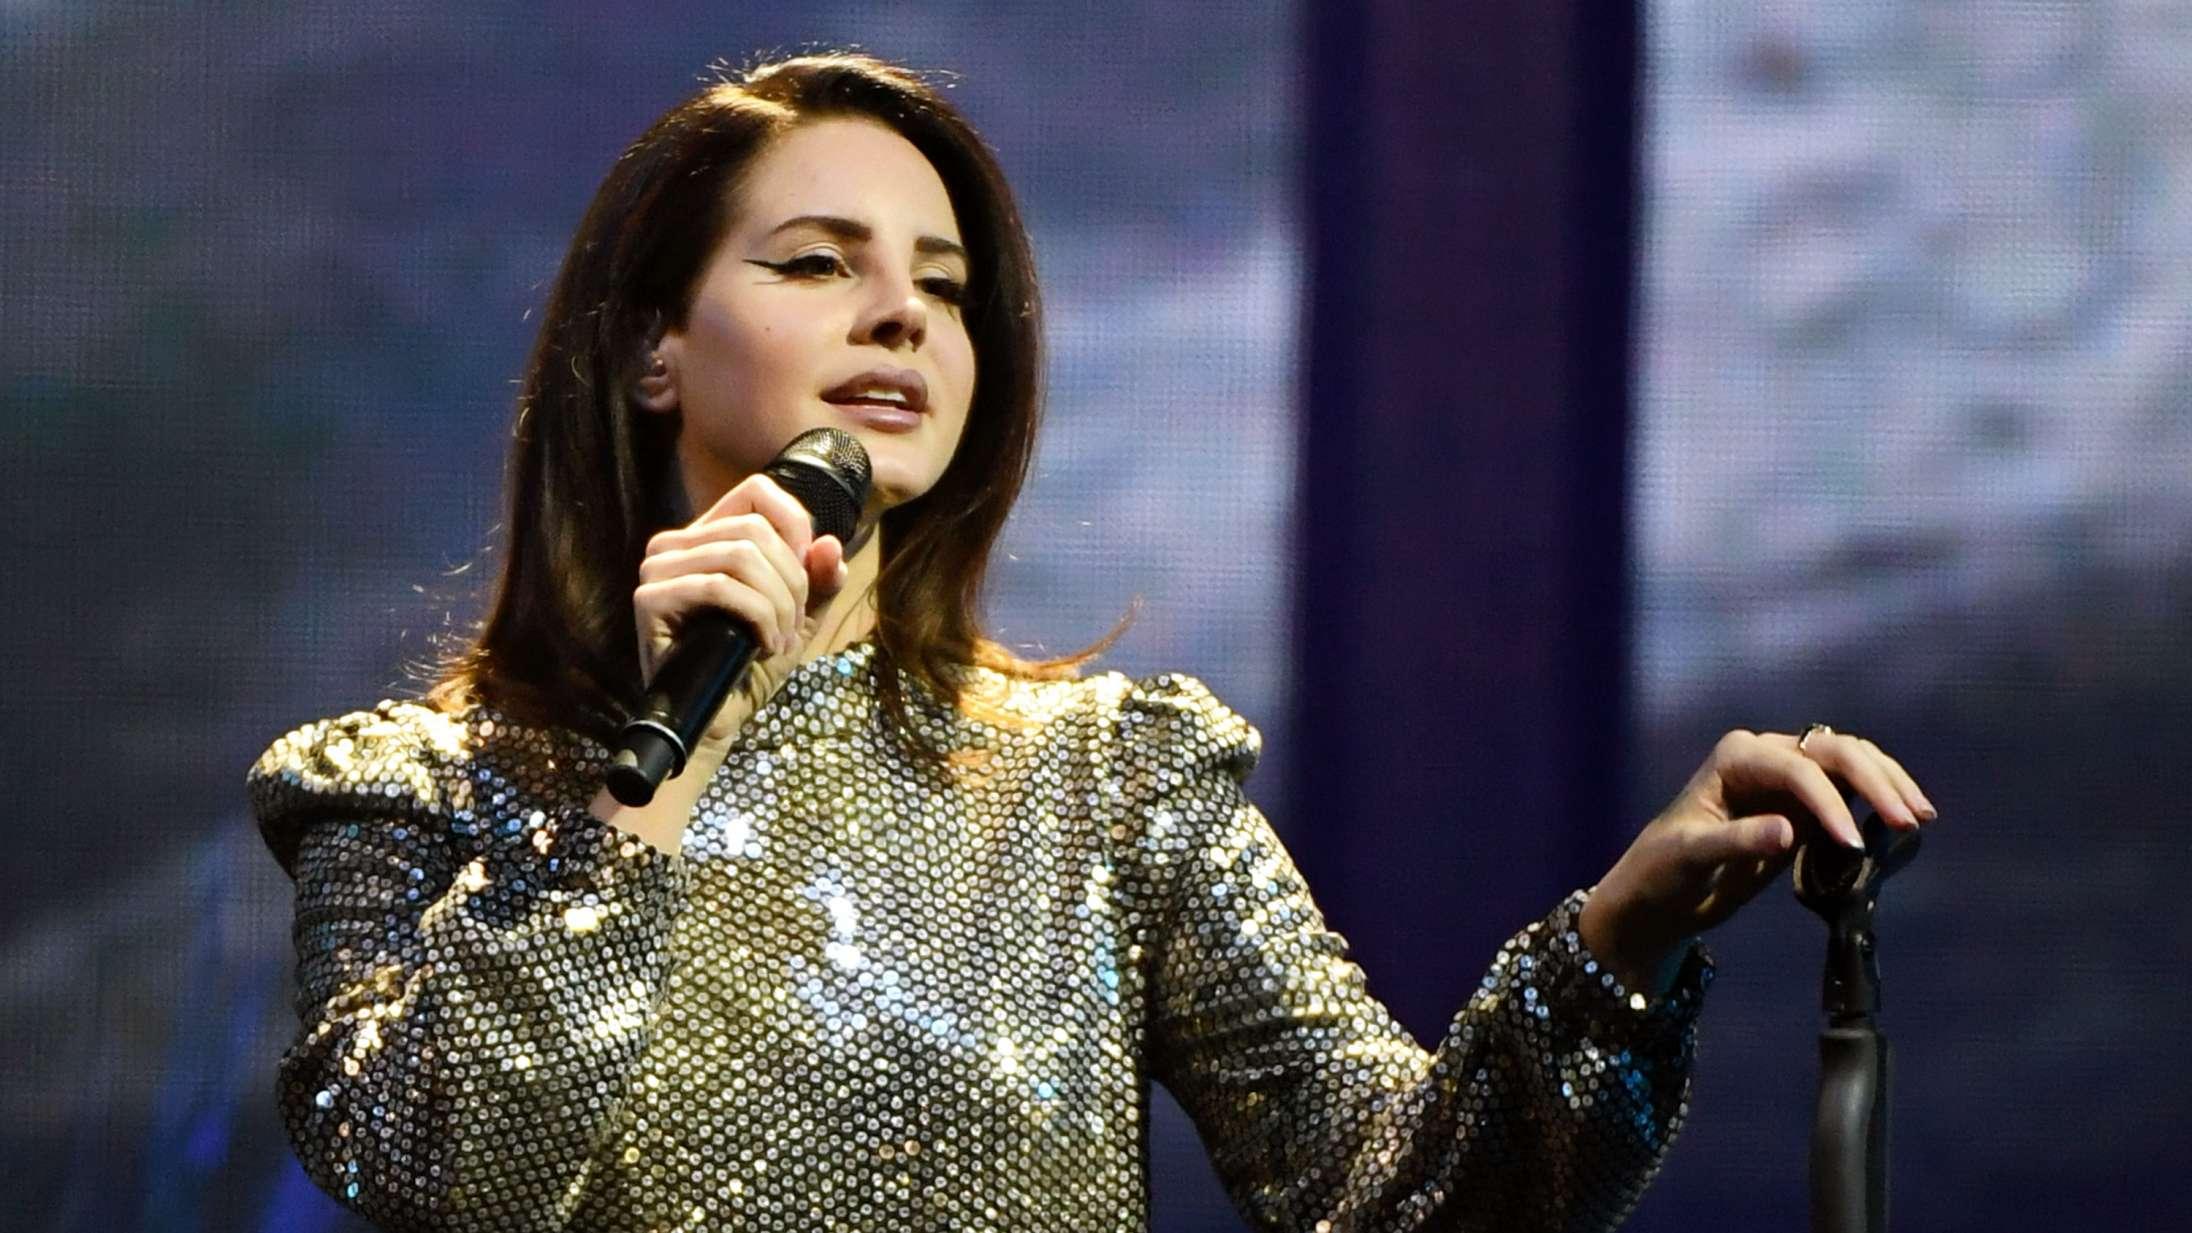 Hvorfor overrasker det mig, at Lana Del Reys nye album er godt?